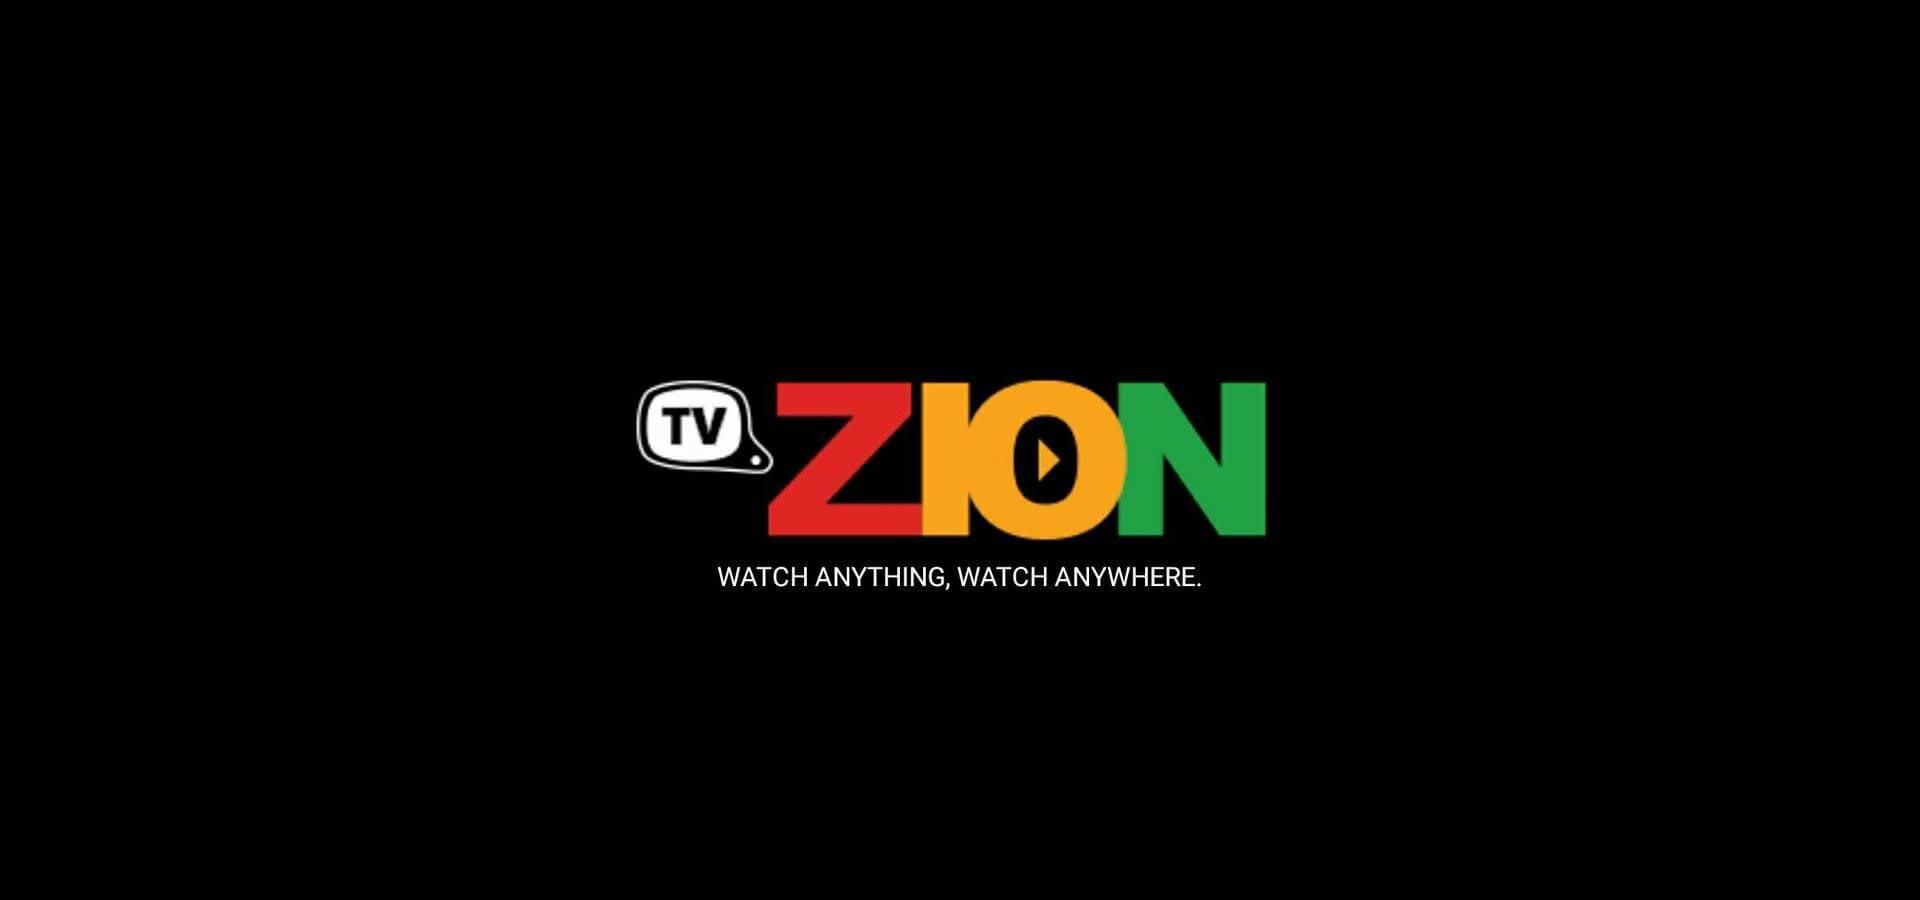 TVZion Mod Apk